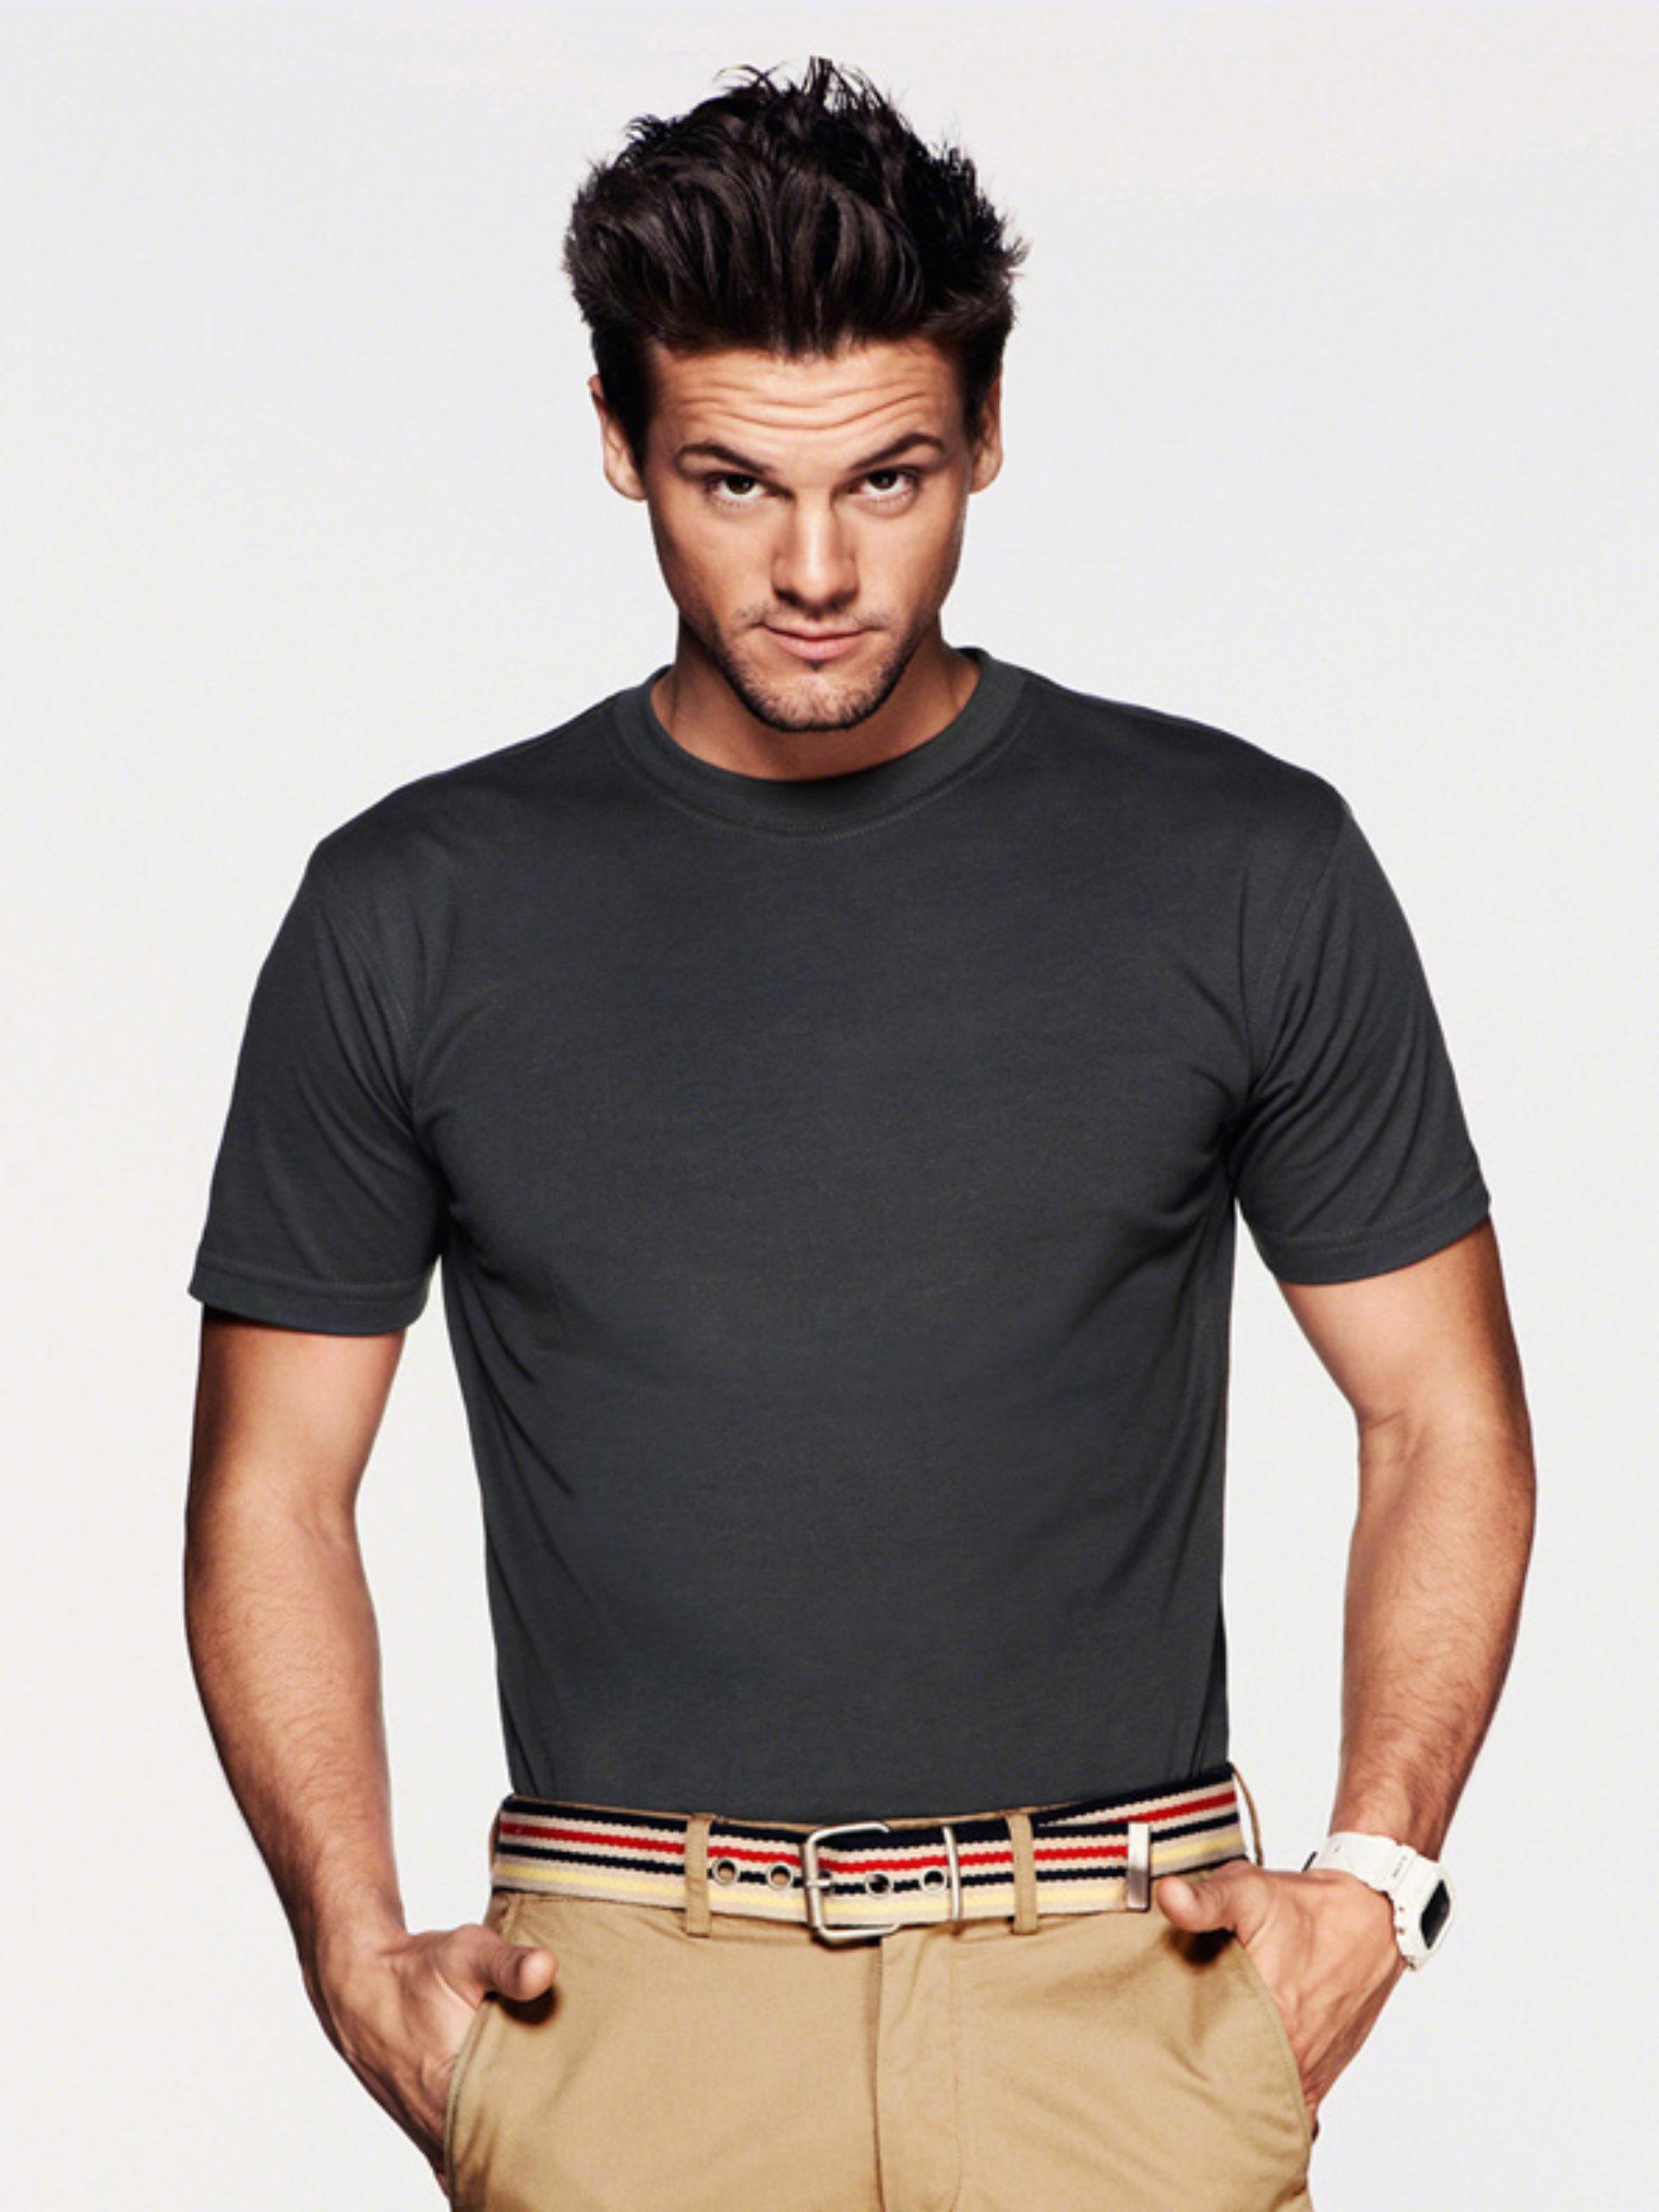 Herren T Shirts Bedrucken Hakro 281 Performance